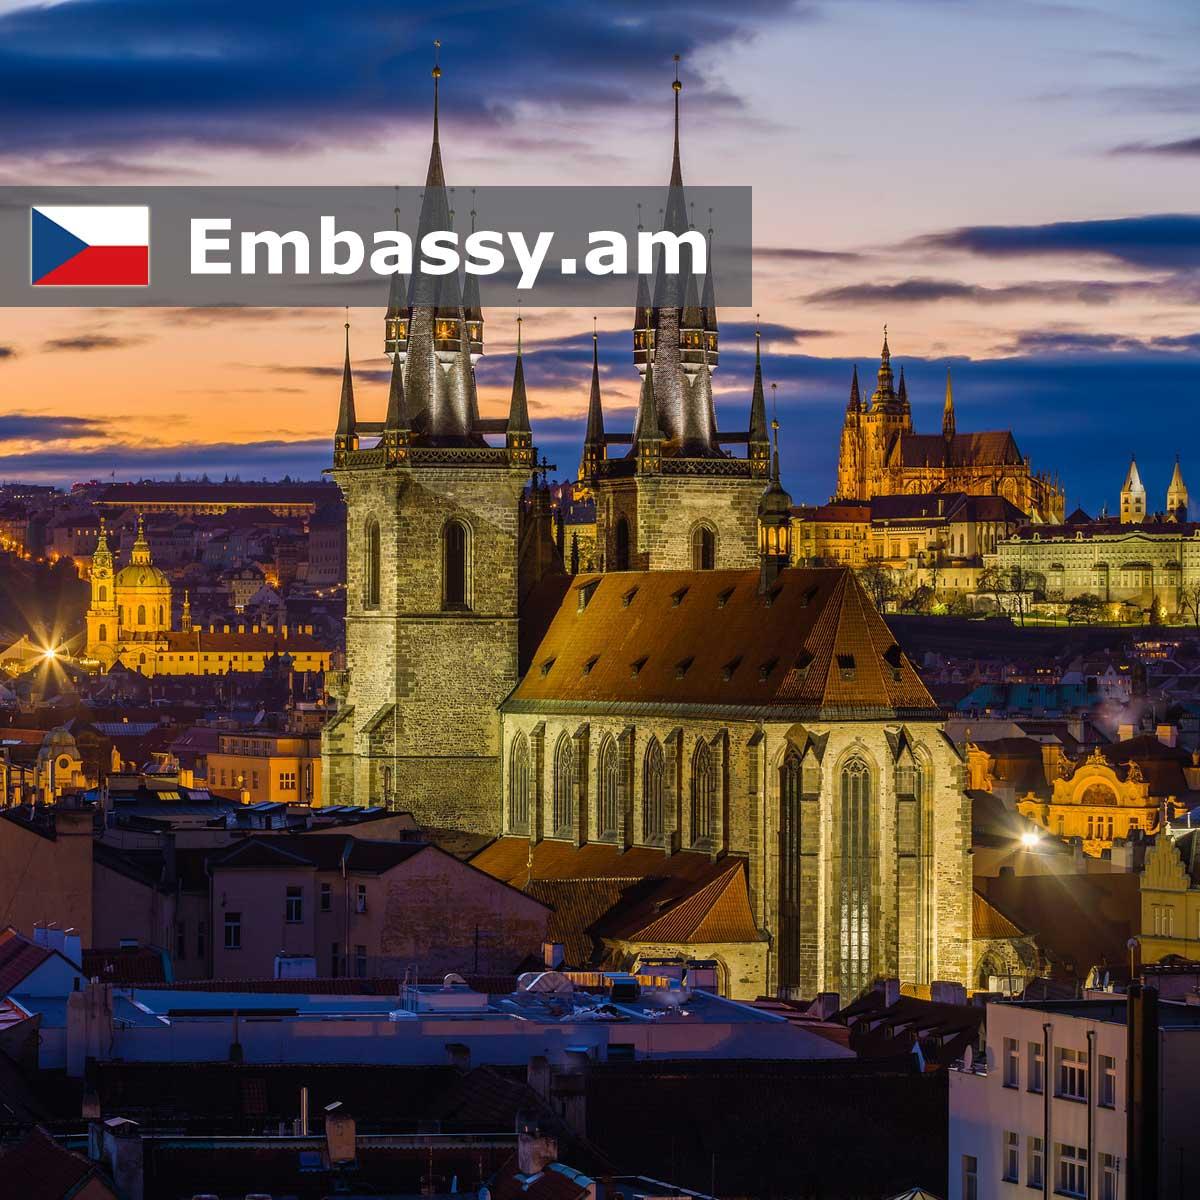 Отели в Чехии - Embassy.am